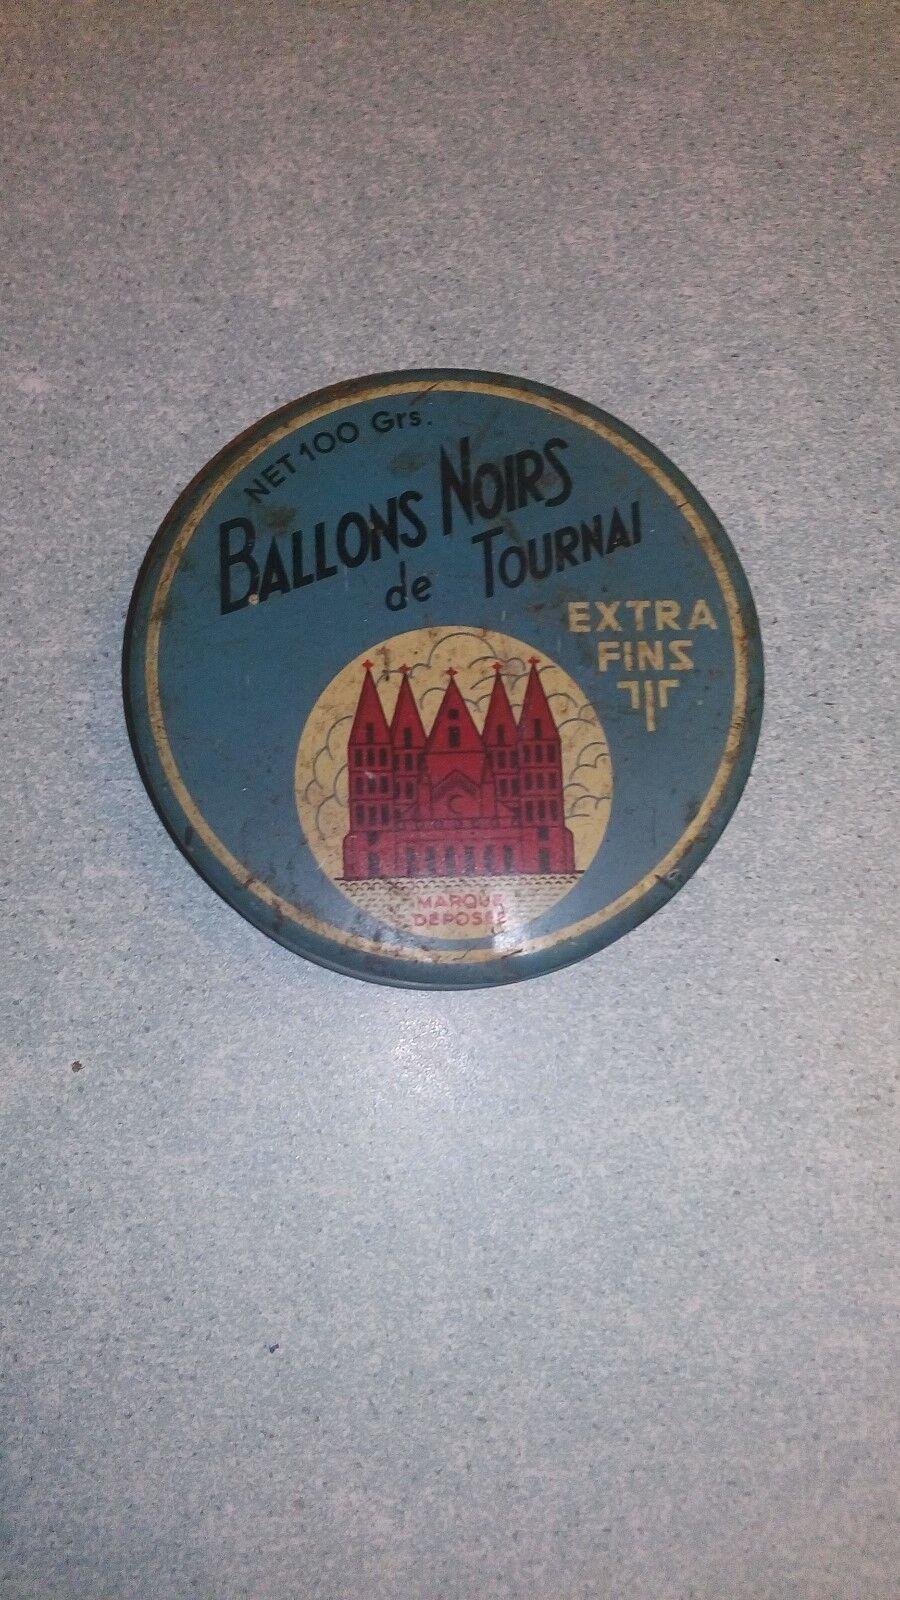 """Ancienne boîte en métal """"Ballons noirs de Tournai"""""""